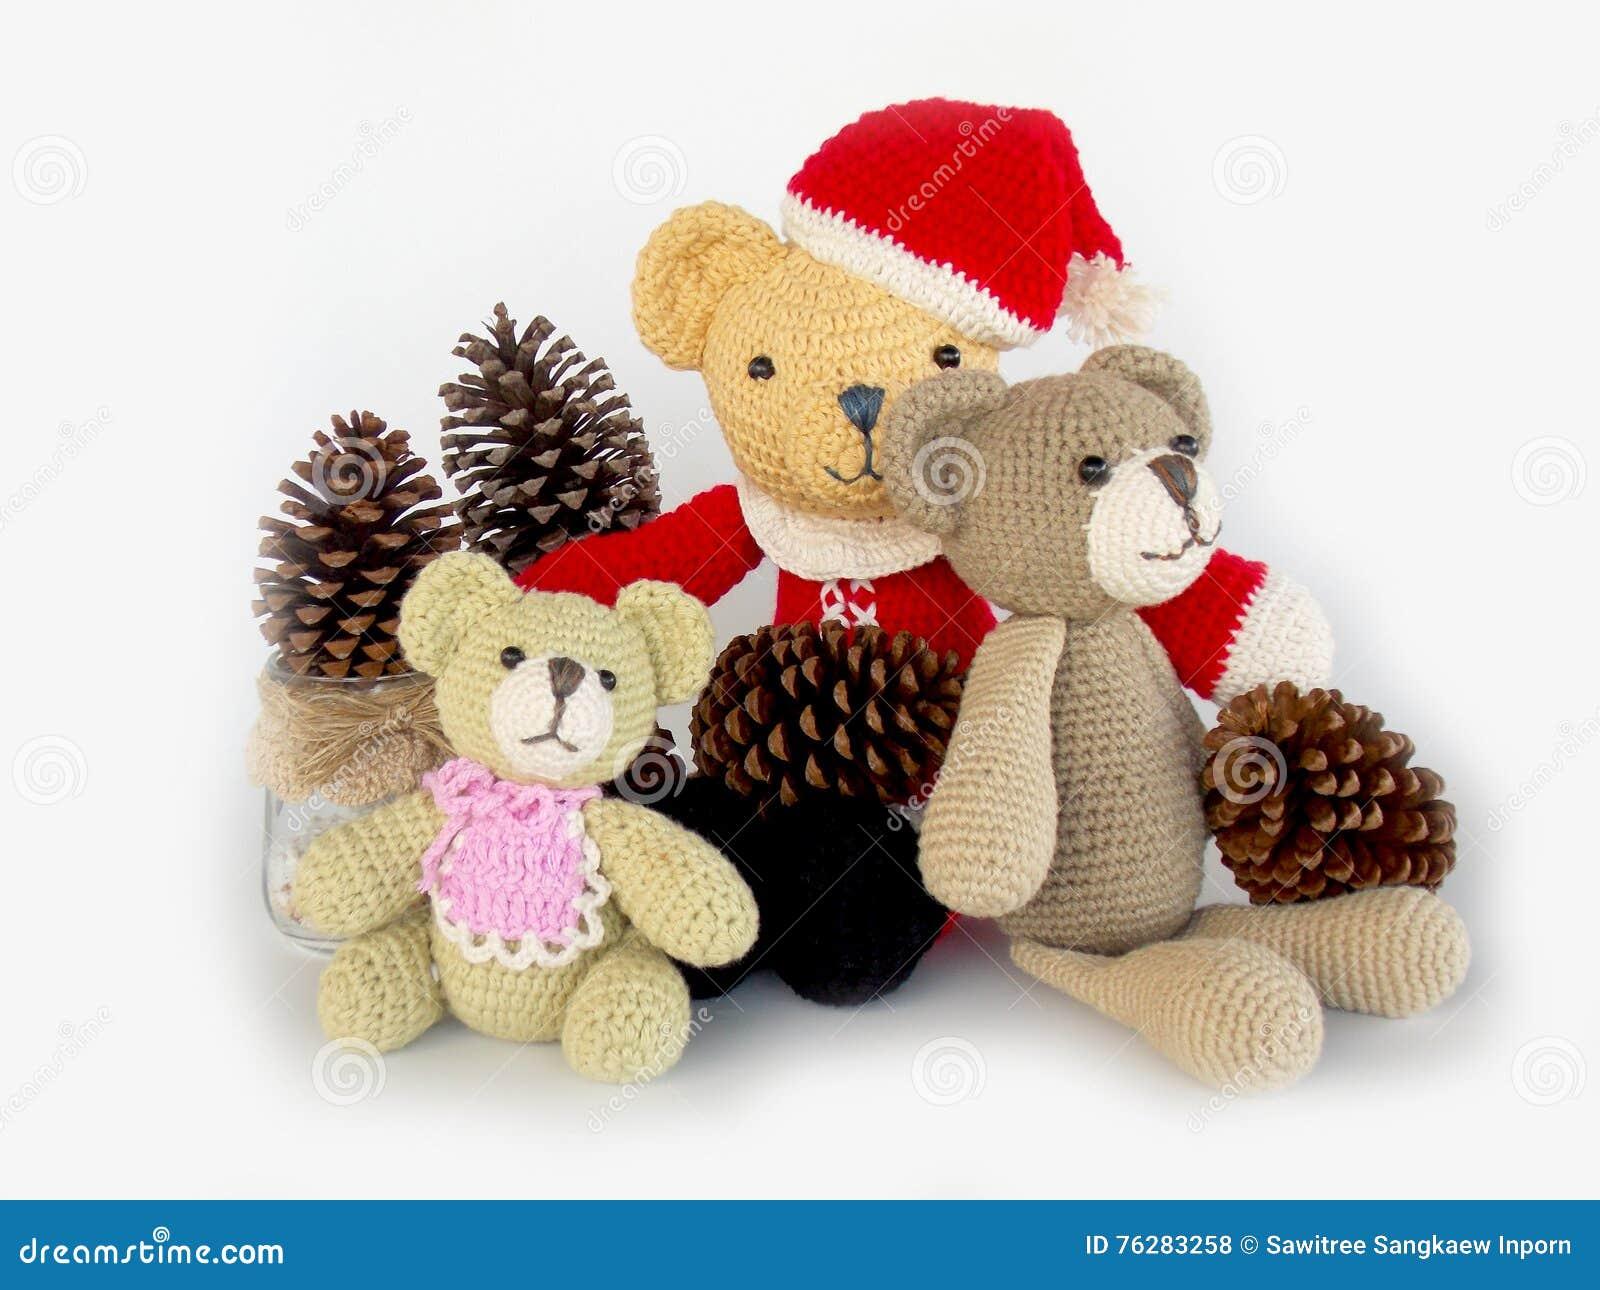 Crochet Corner: Graduation Teddy - All About Ami | 1065x1300